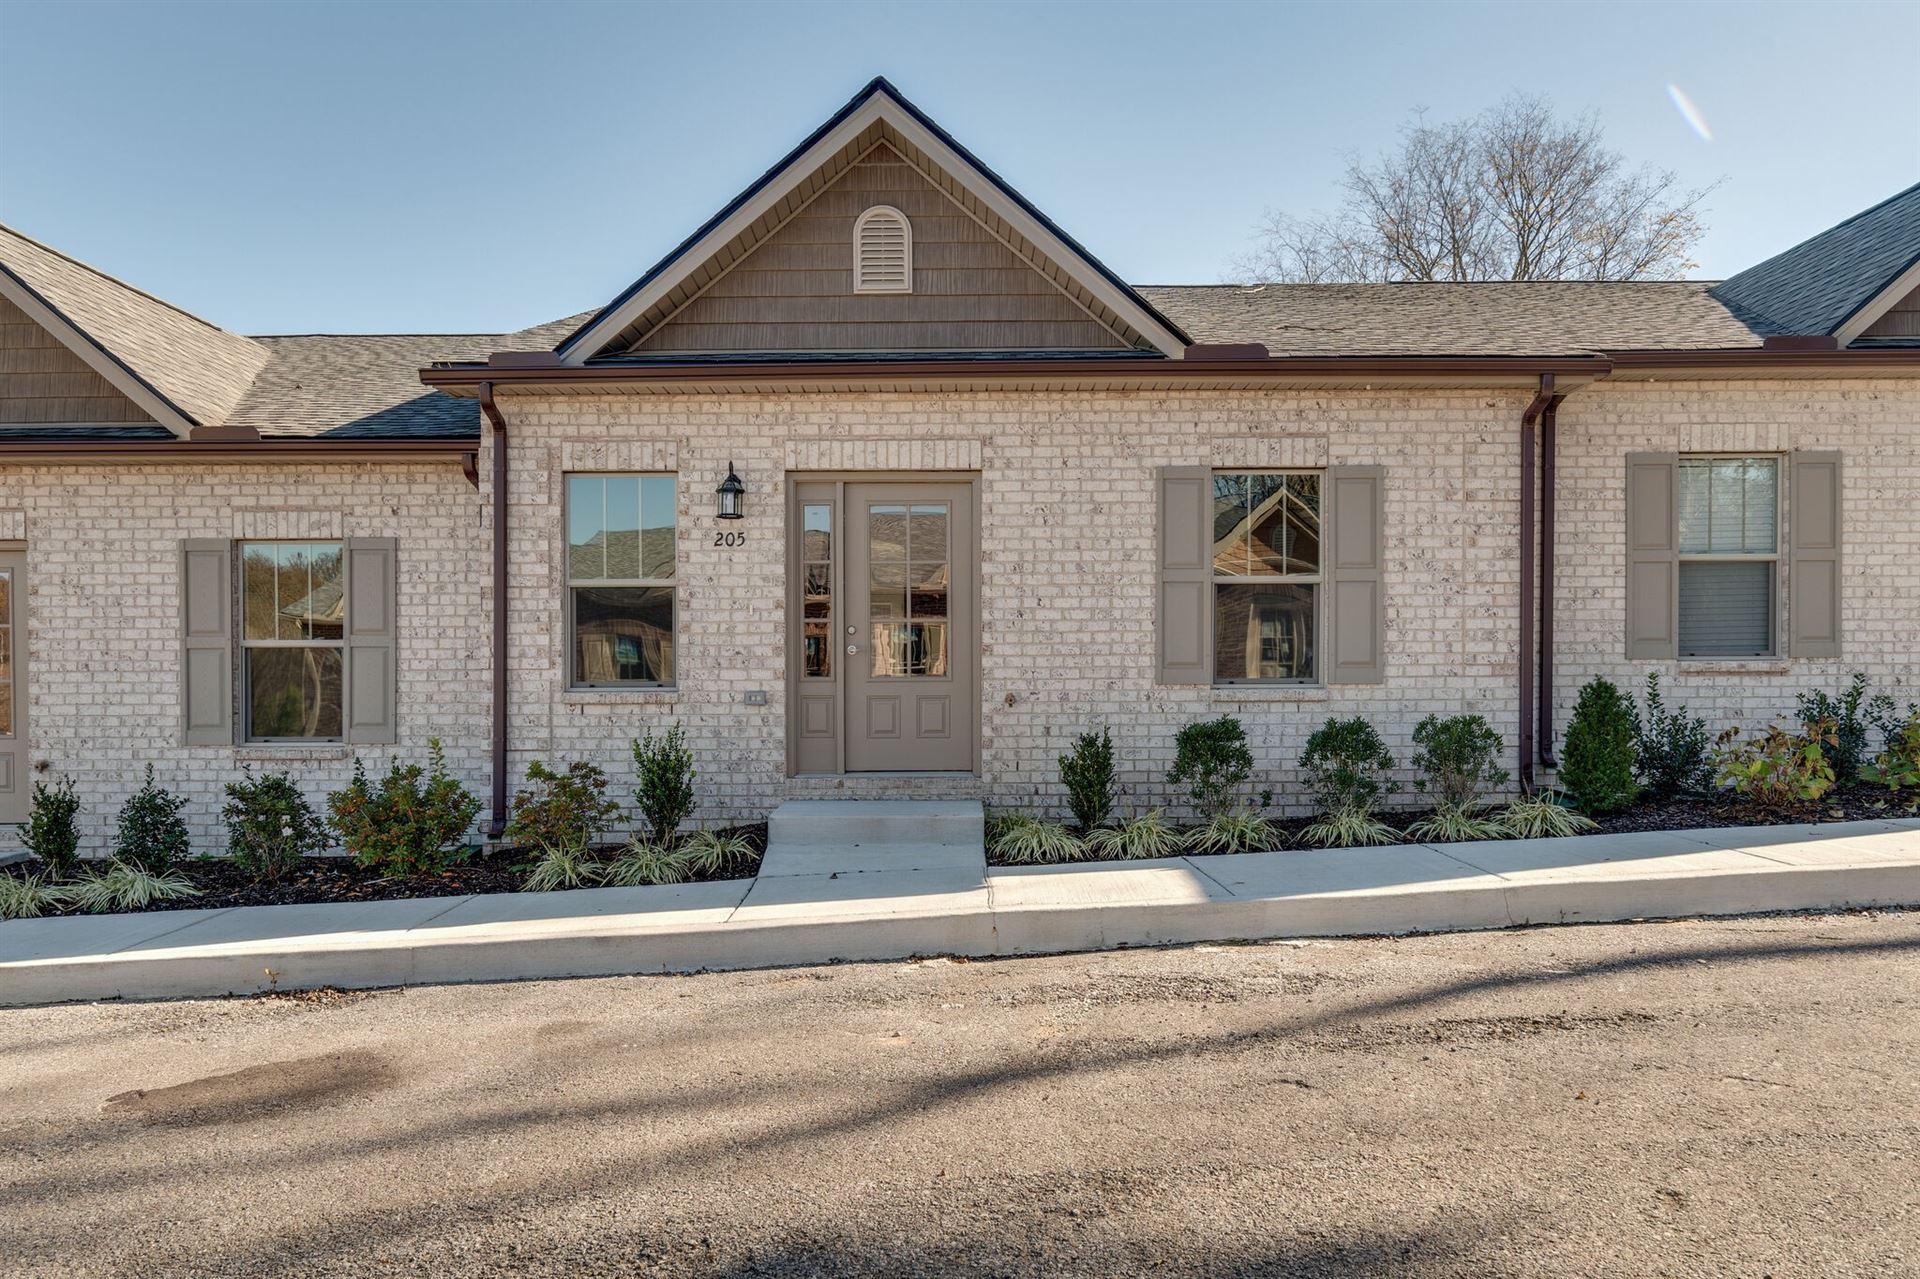 205 Bancroft Mill, Columbia, TN 38401 - MLS#: 2208479